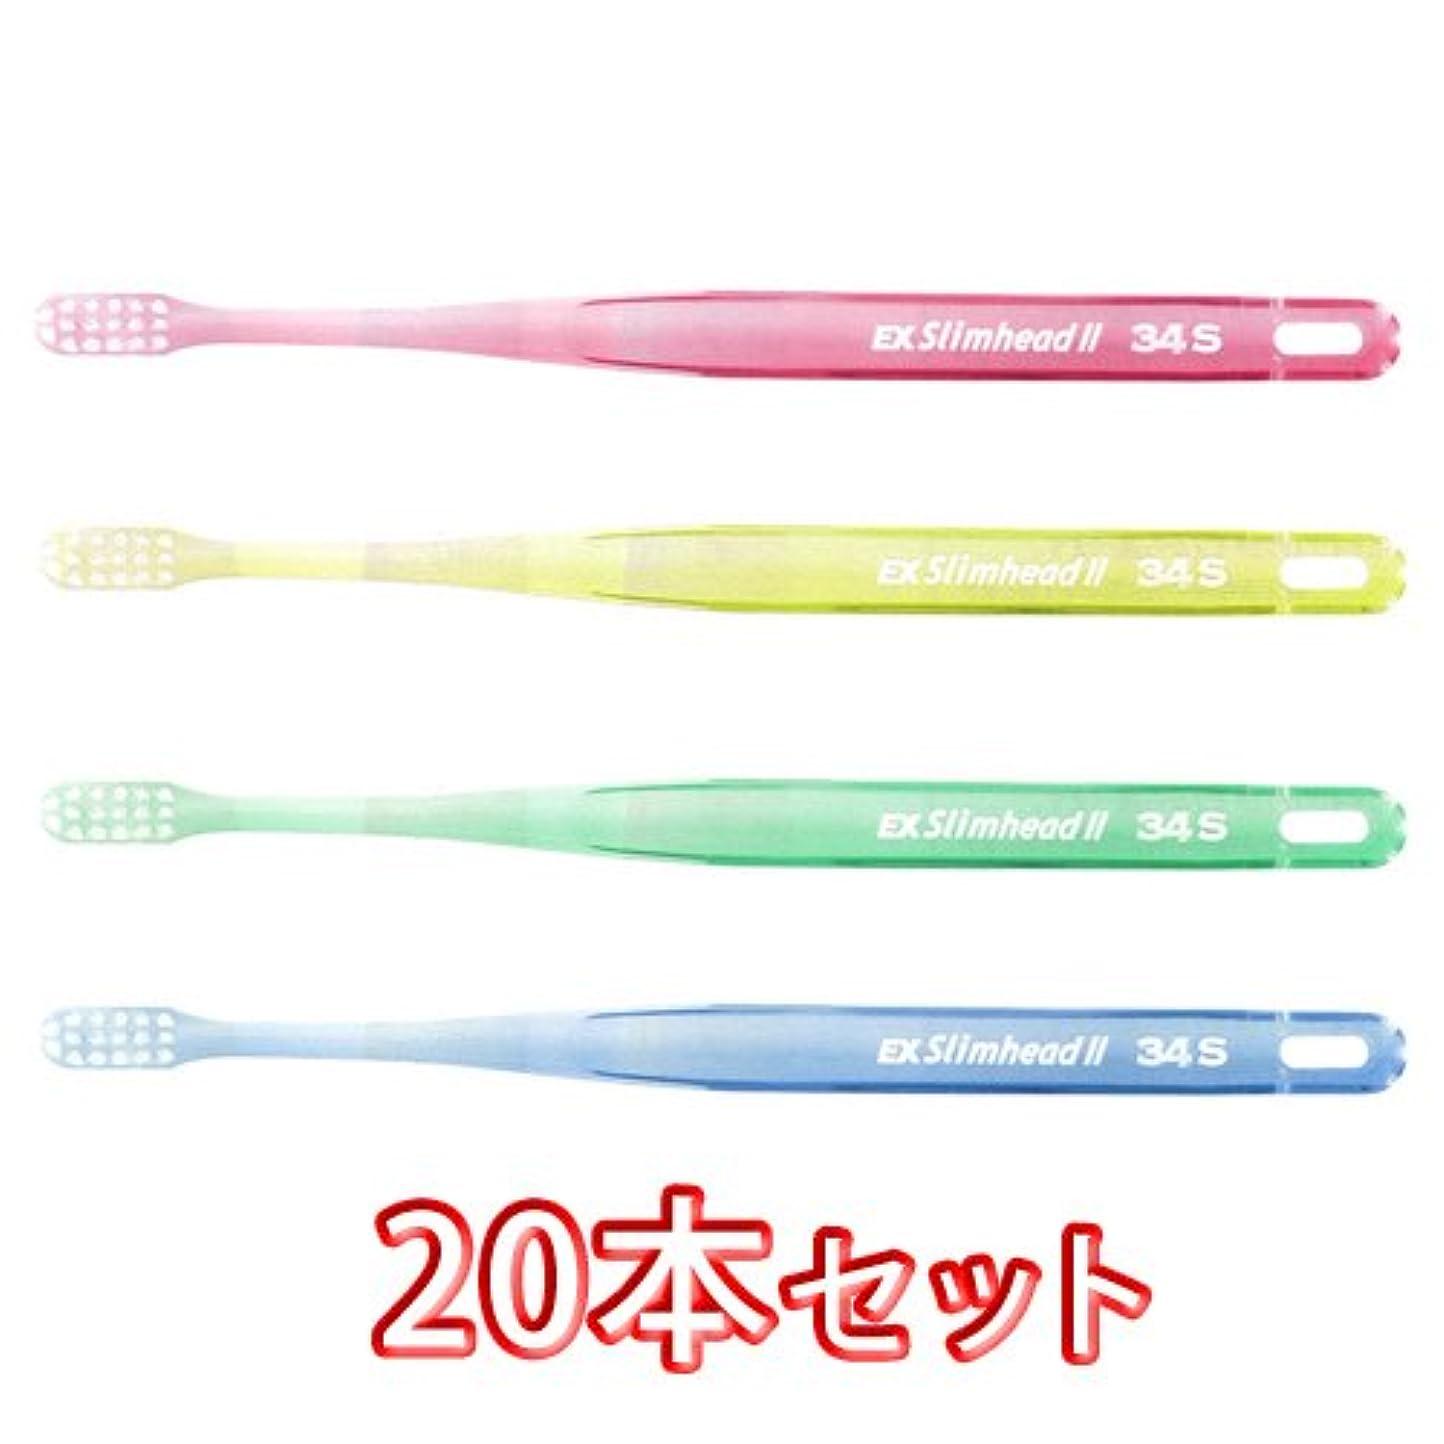 びんしなければならない困惑ライオン スリムヘッド2 歯ブラシ DENT . EX Slimhead2 20本入 (34S)